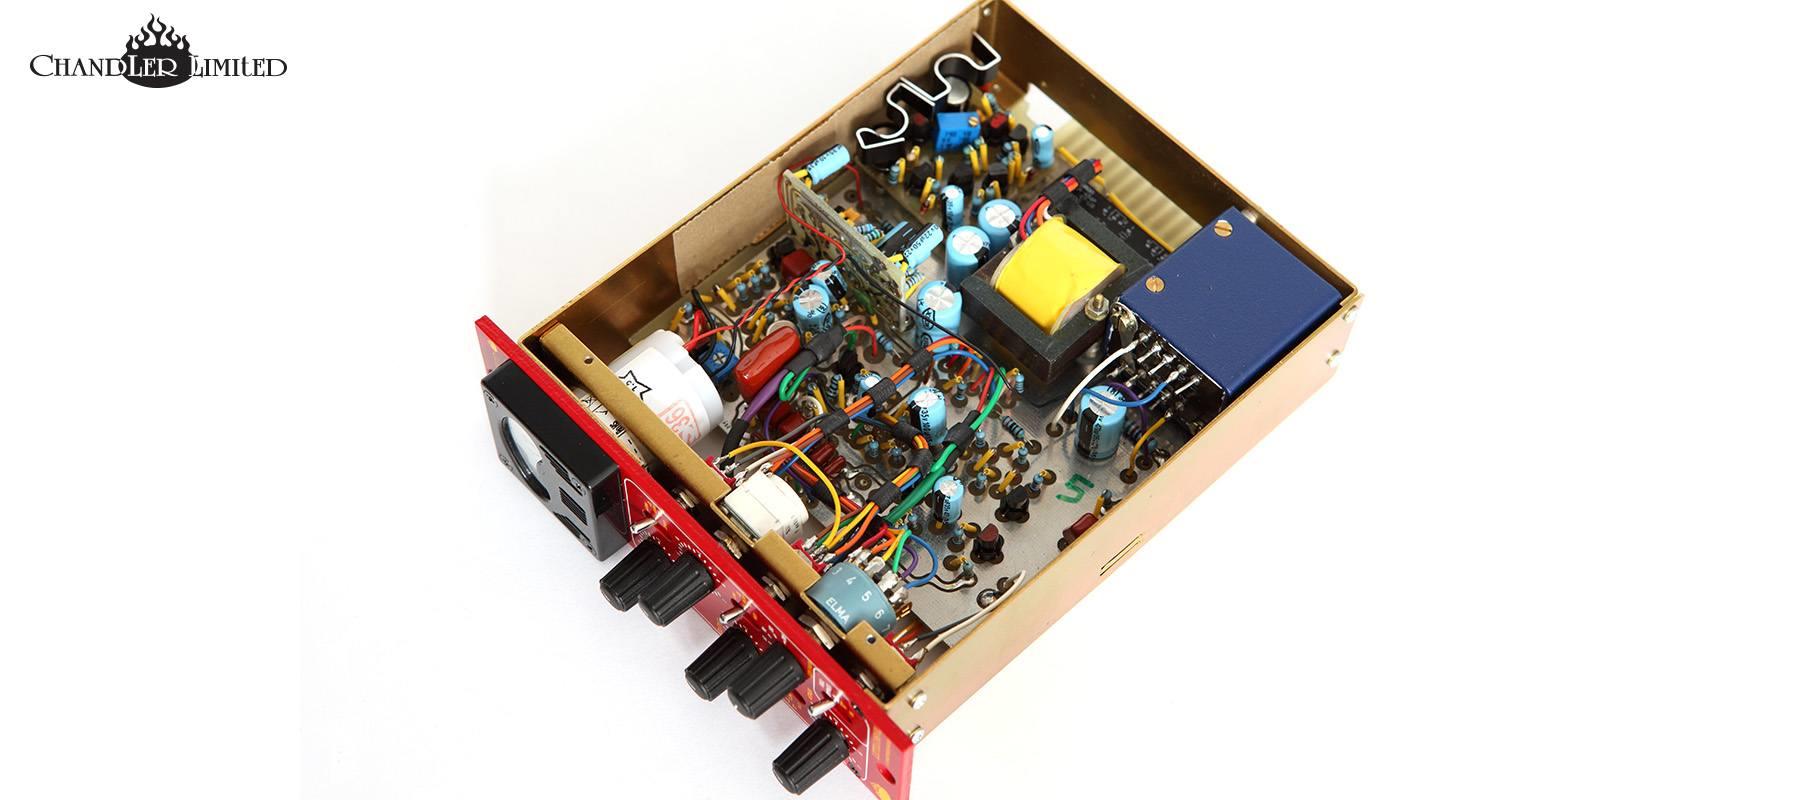 Chandler Limited Little Devil Compressor - Components